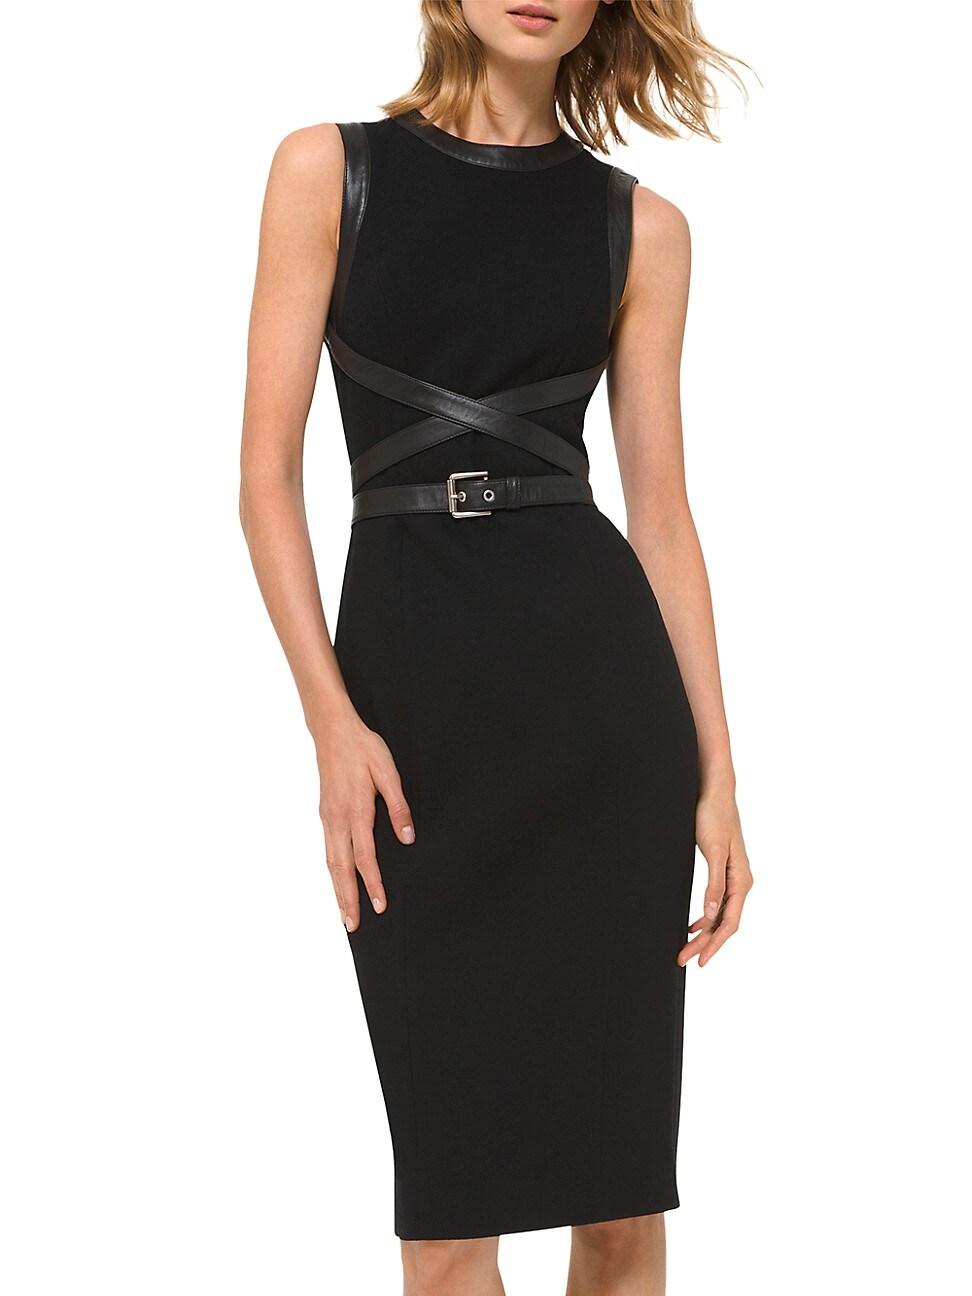 Michael Kors Women's Stretch Bouclé Crisscross Leather Belted Sheath Dress In Black Black